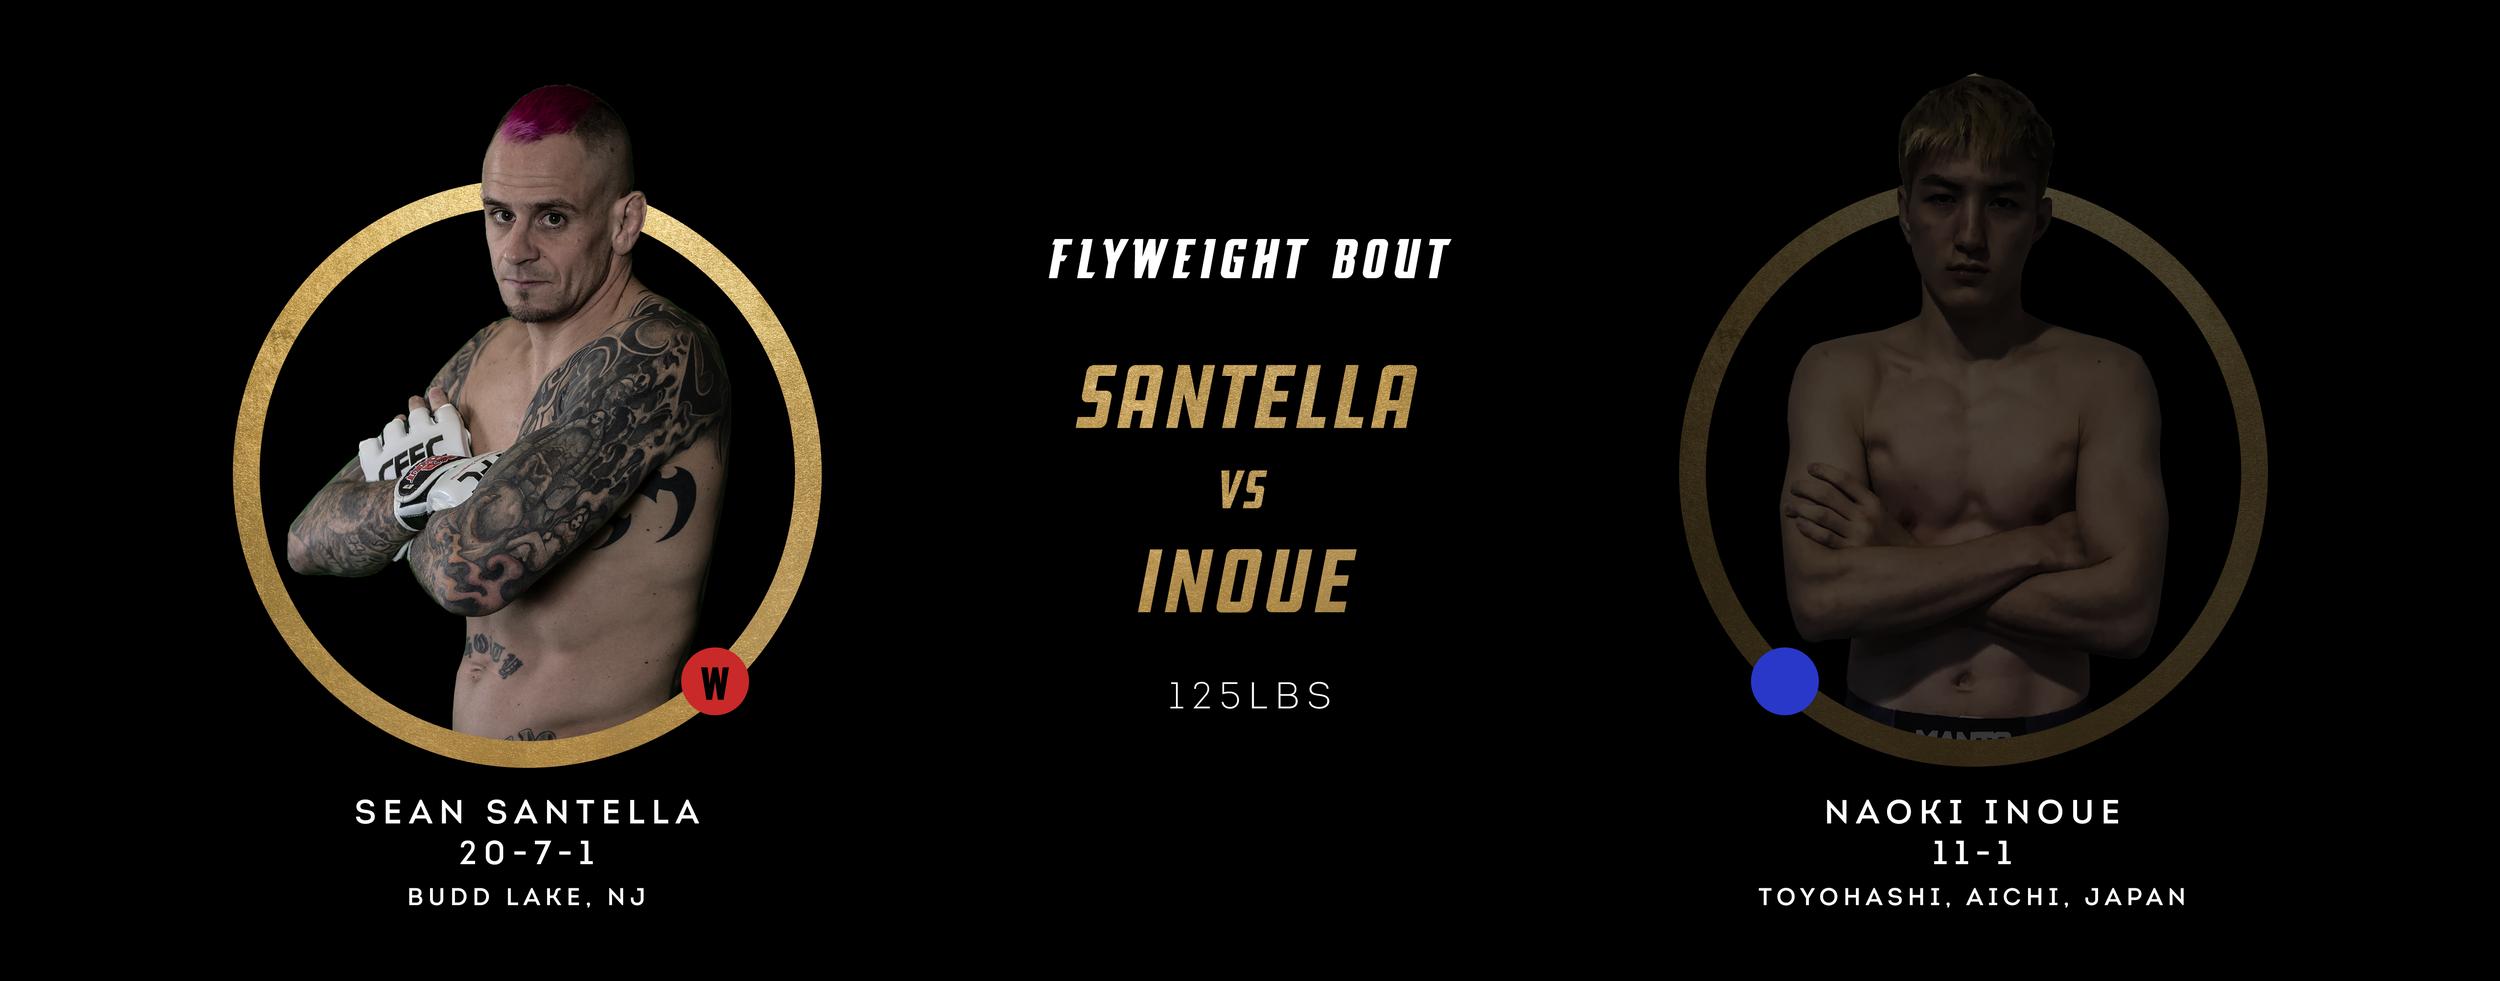 Sean Santella vs Naoki Inoue.png